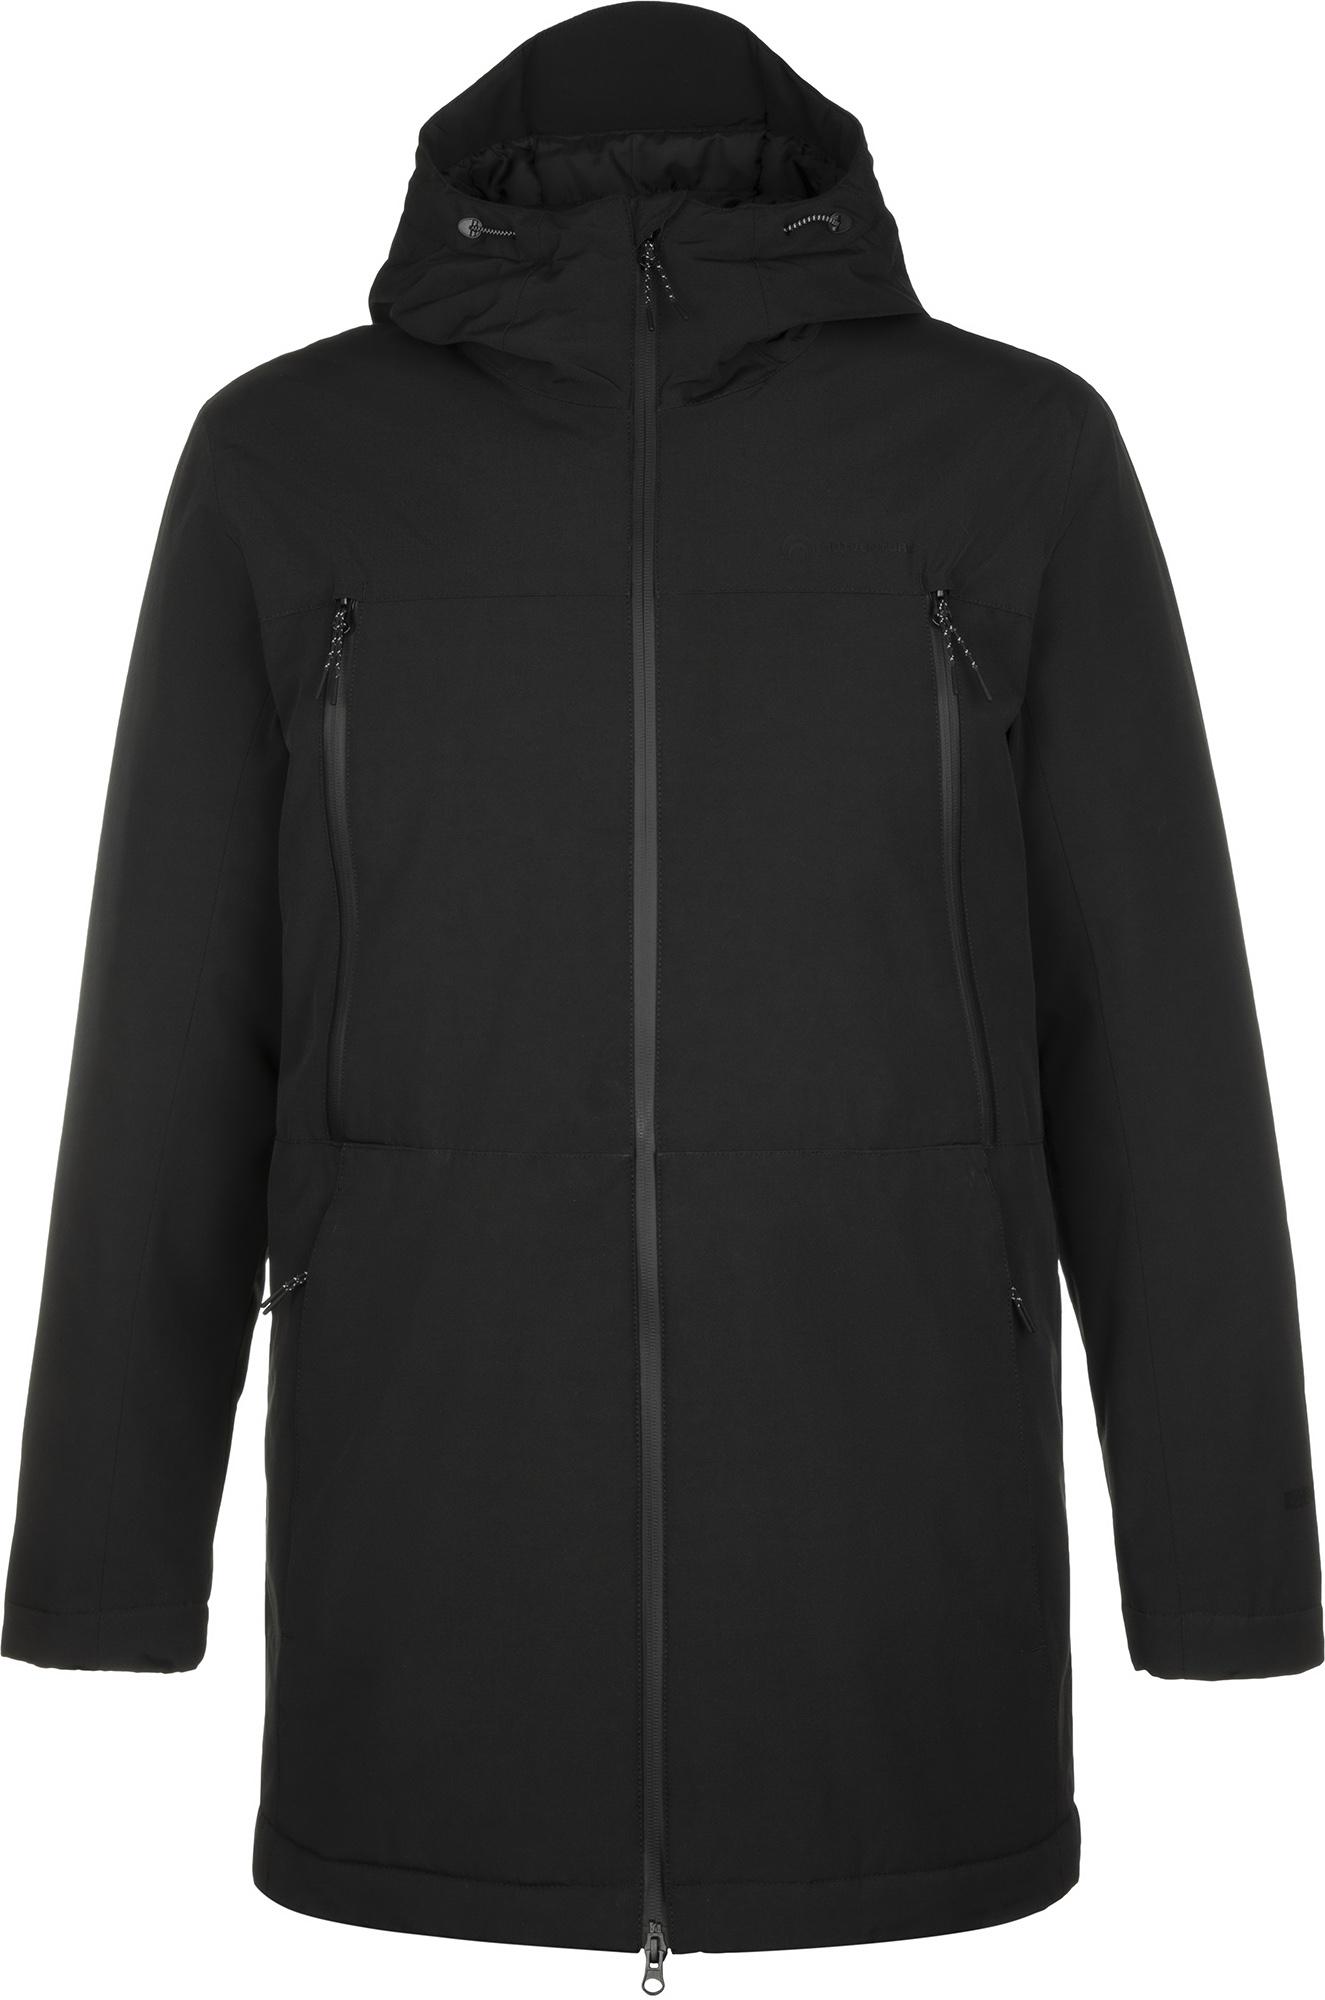 Фото - Outventure Куртка утепленная мужская Outventure, размер 58 outventure куртка утепленная мужская outventure размер 50